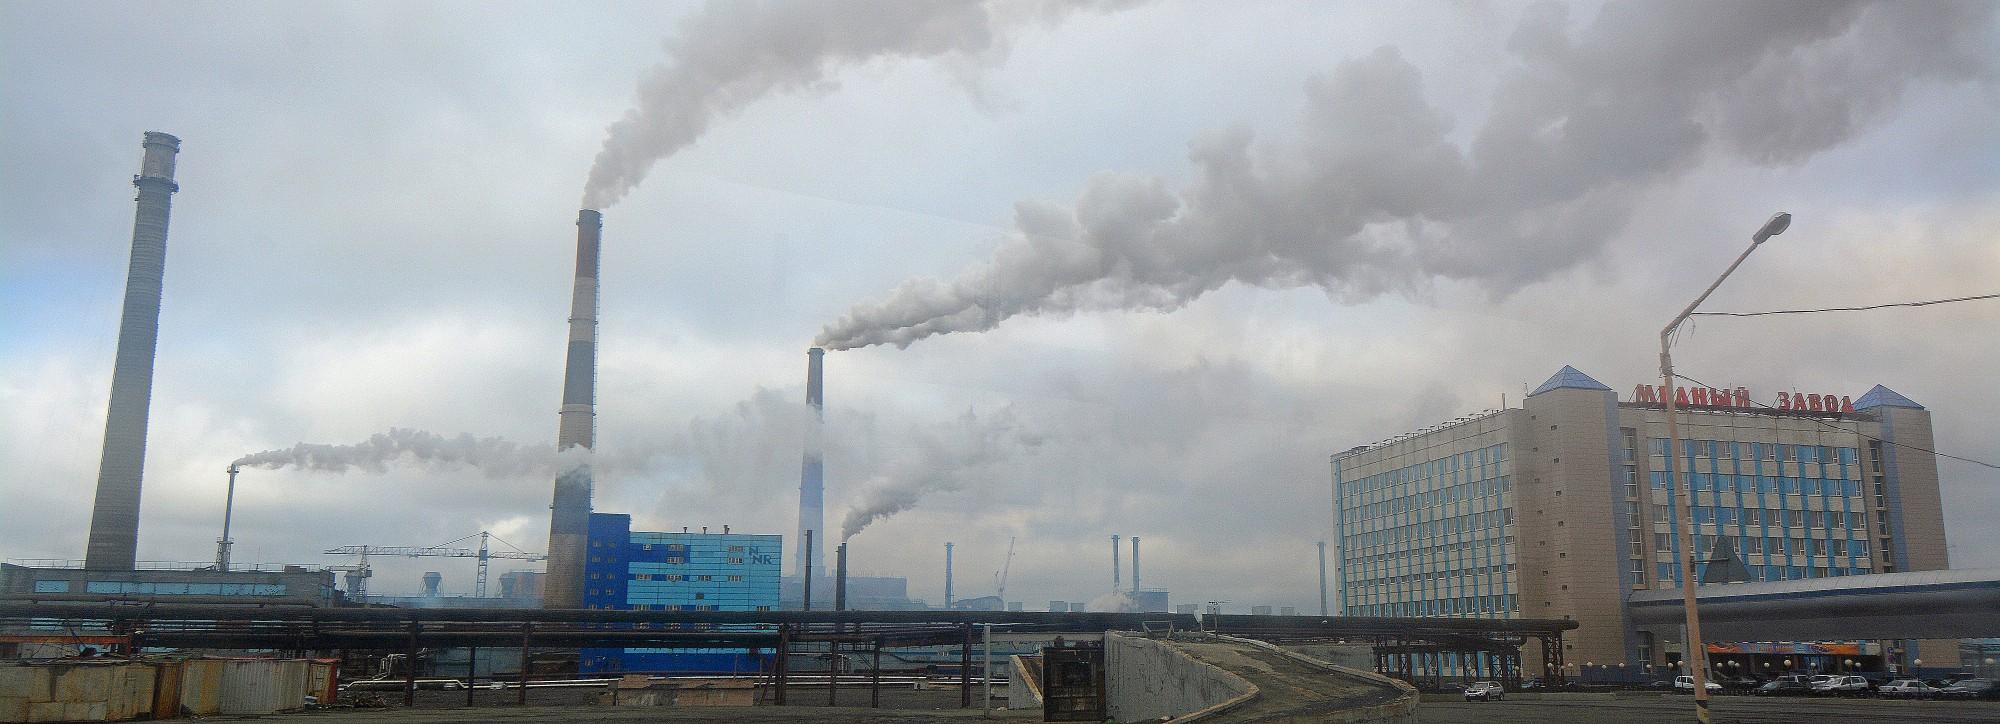 norilsk_nadezhda_plant-2000x724